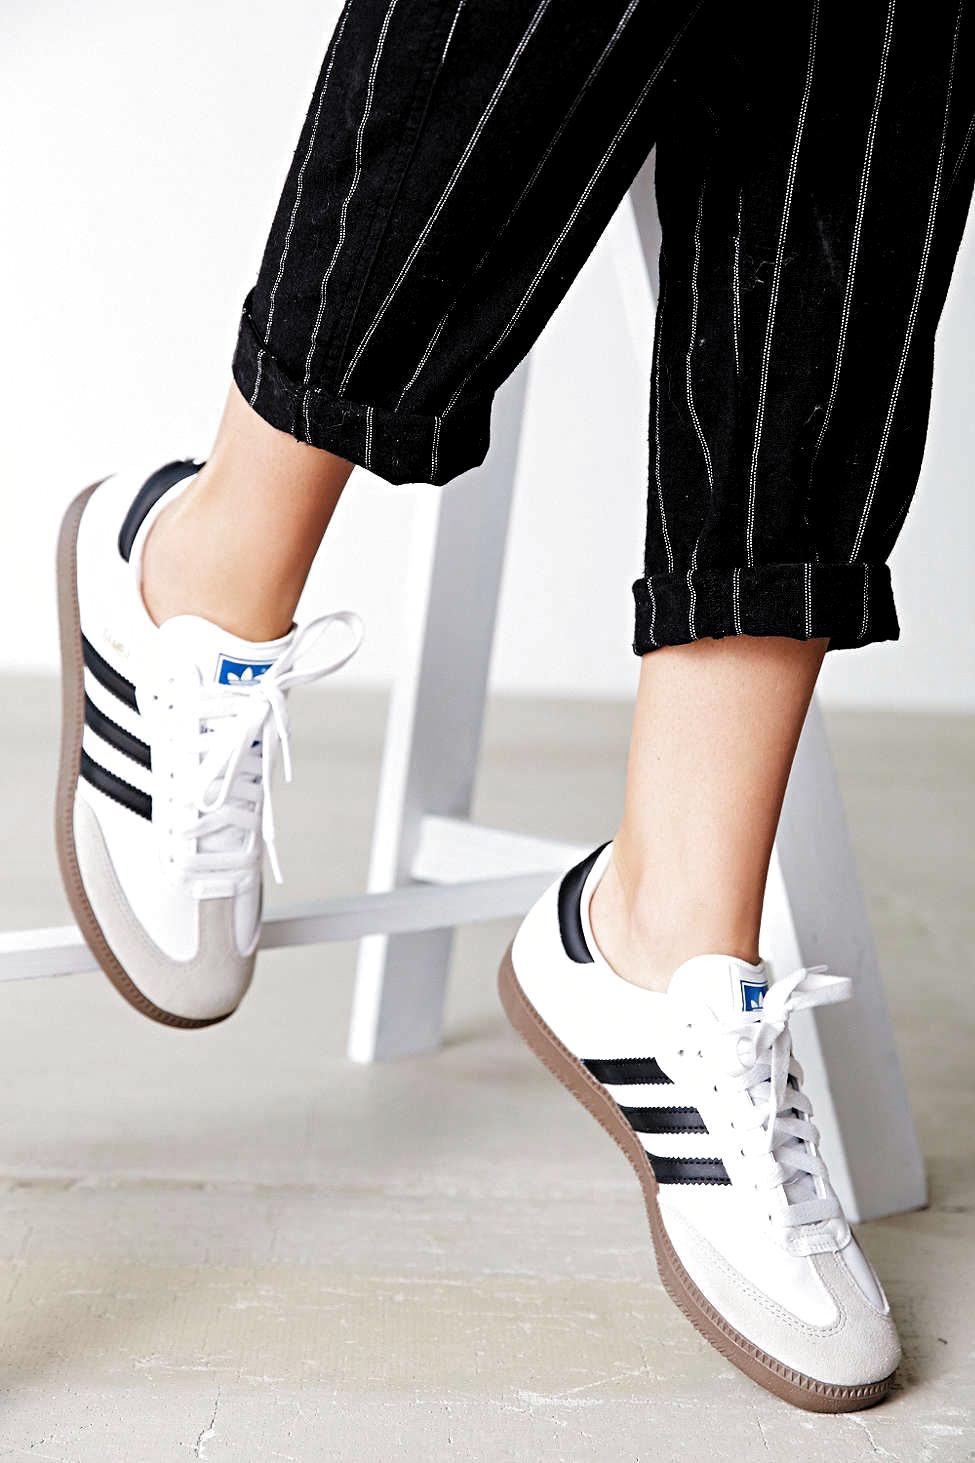 adidas samba urban outfitters